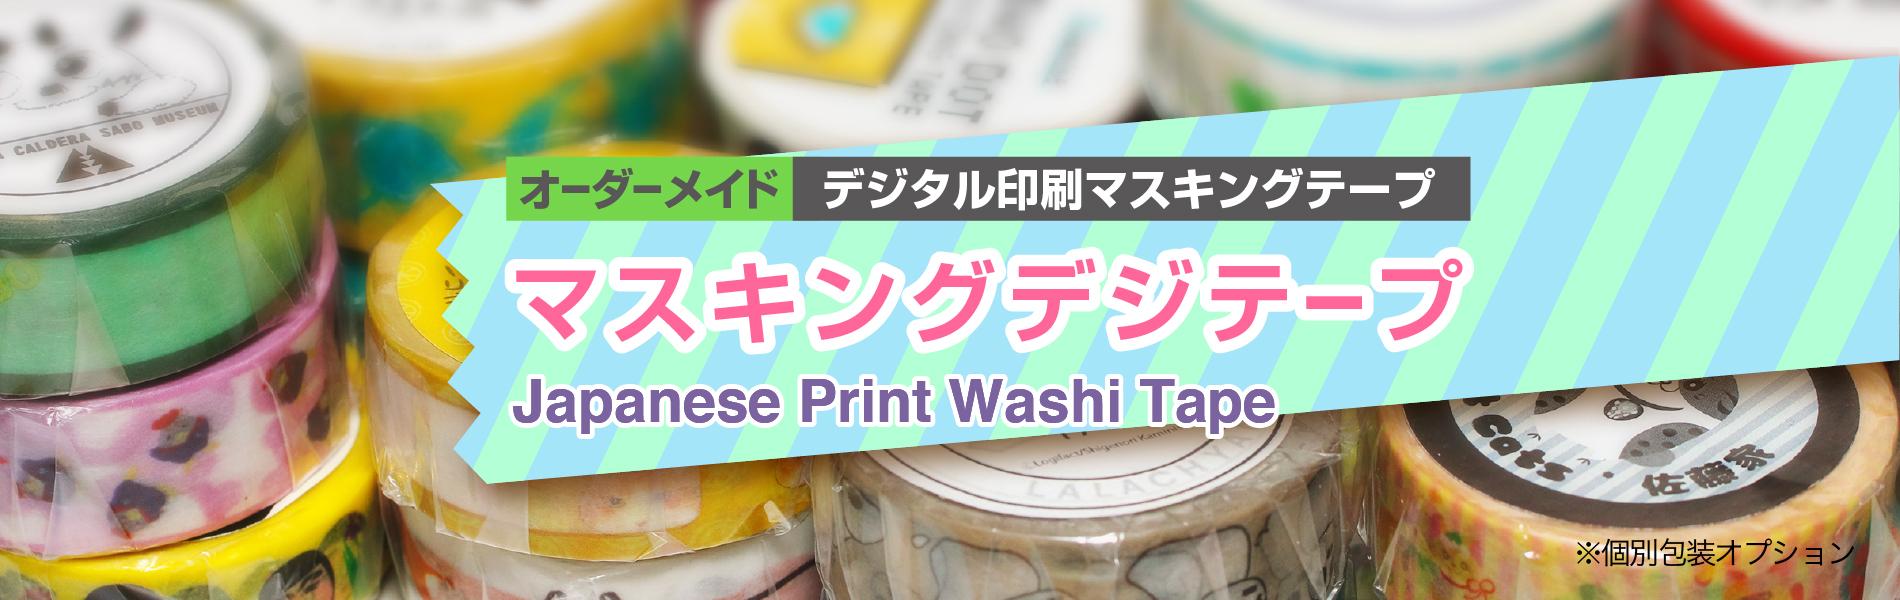 オーダーメイド デジタル印刷マスキングテープ マスキングデジテープ